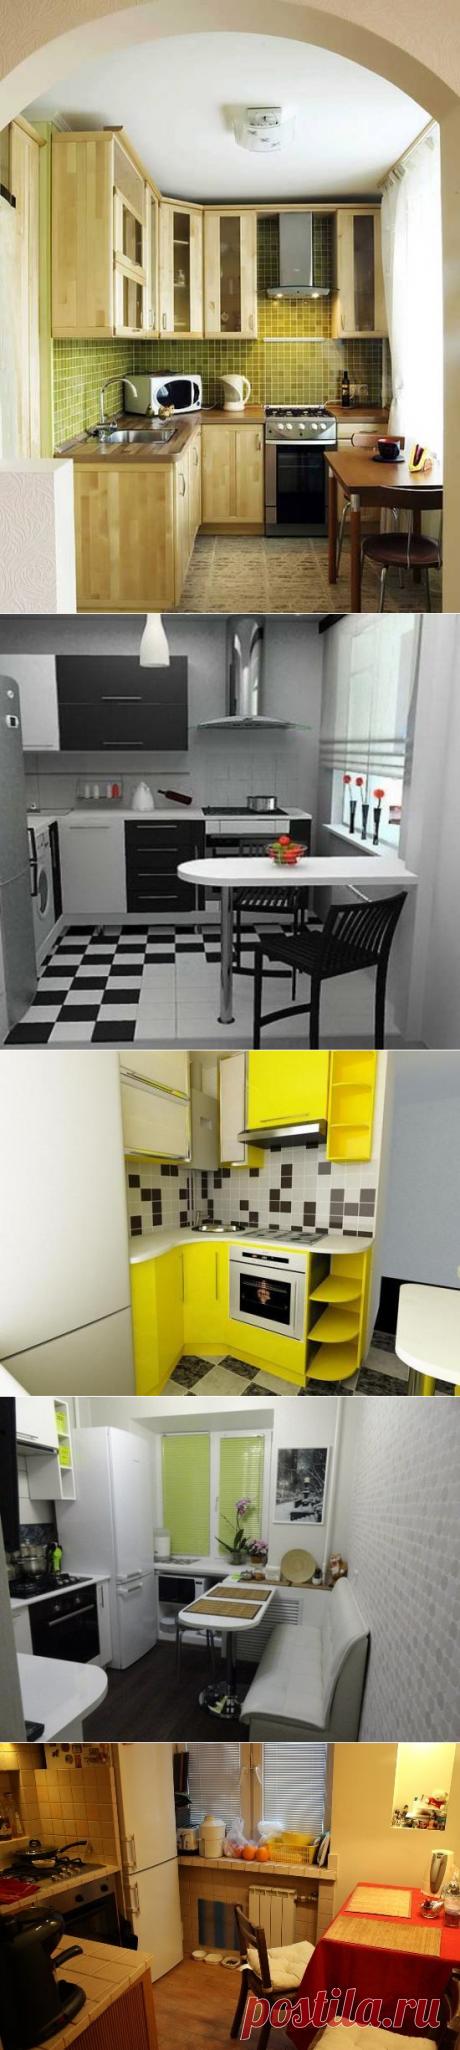 Идеи интерьера и дизайн маленькой кухни в хрущевке - фото | семиделка.ру